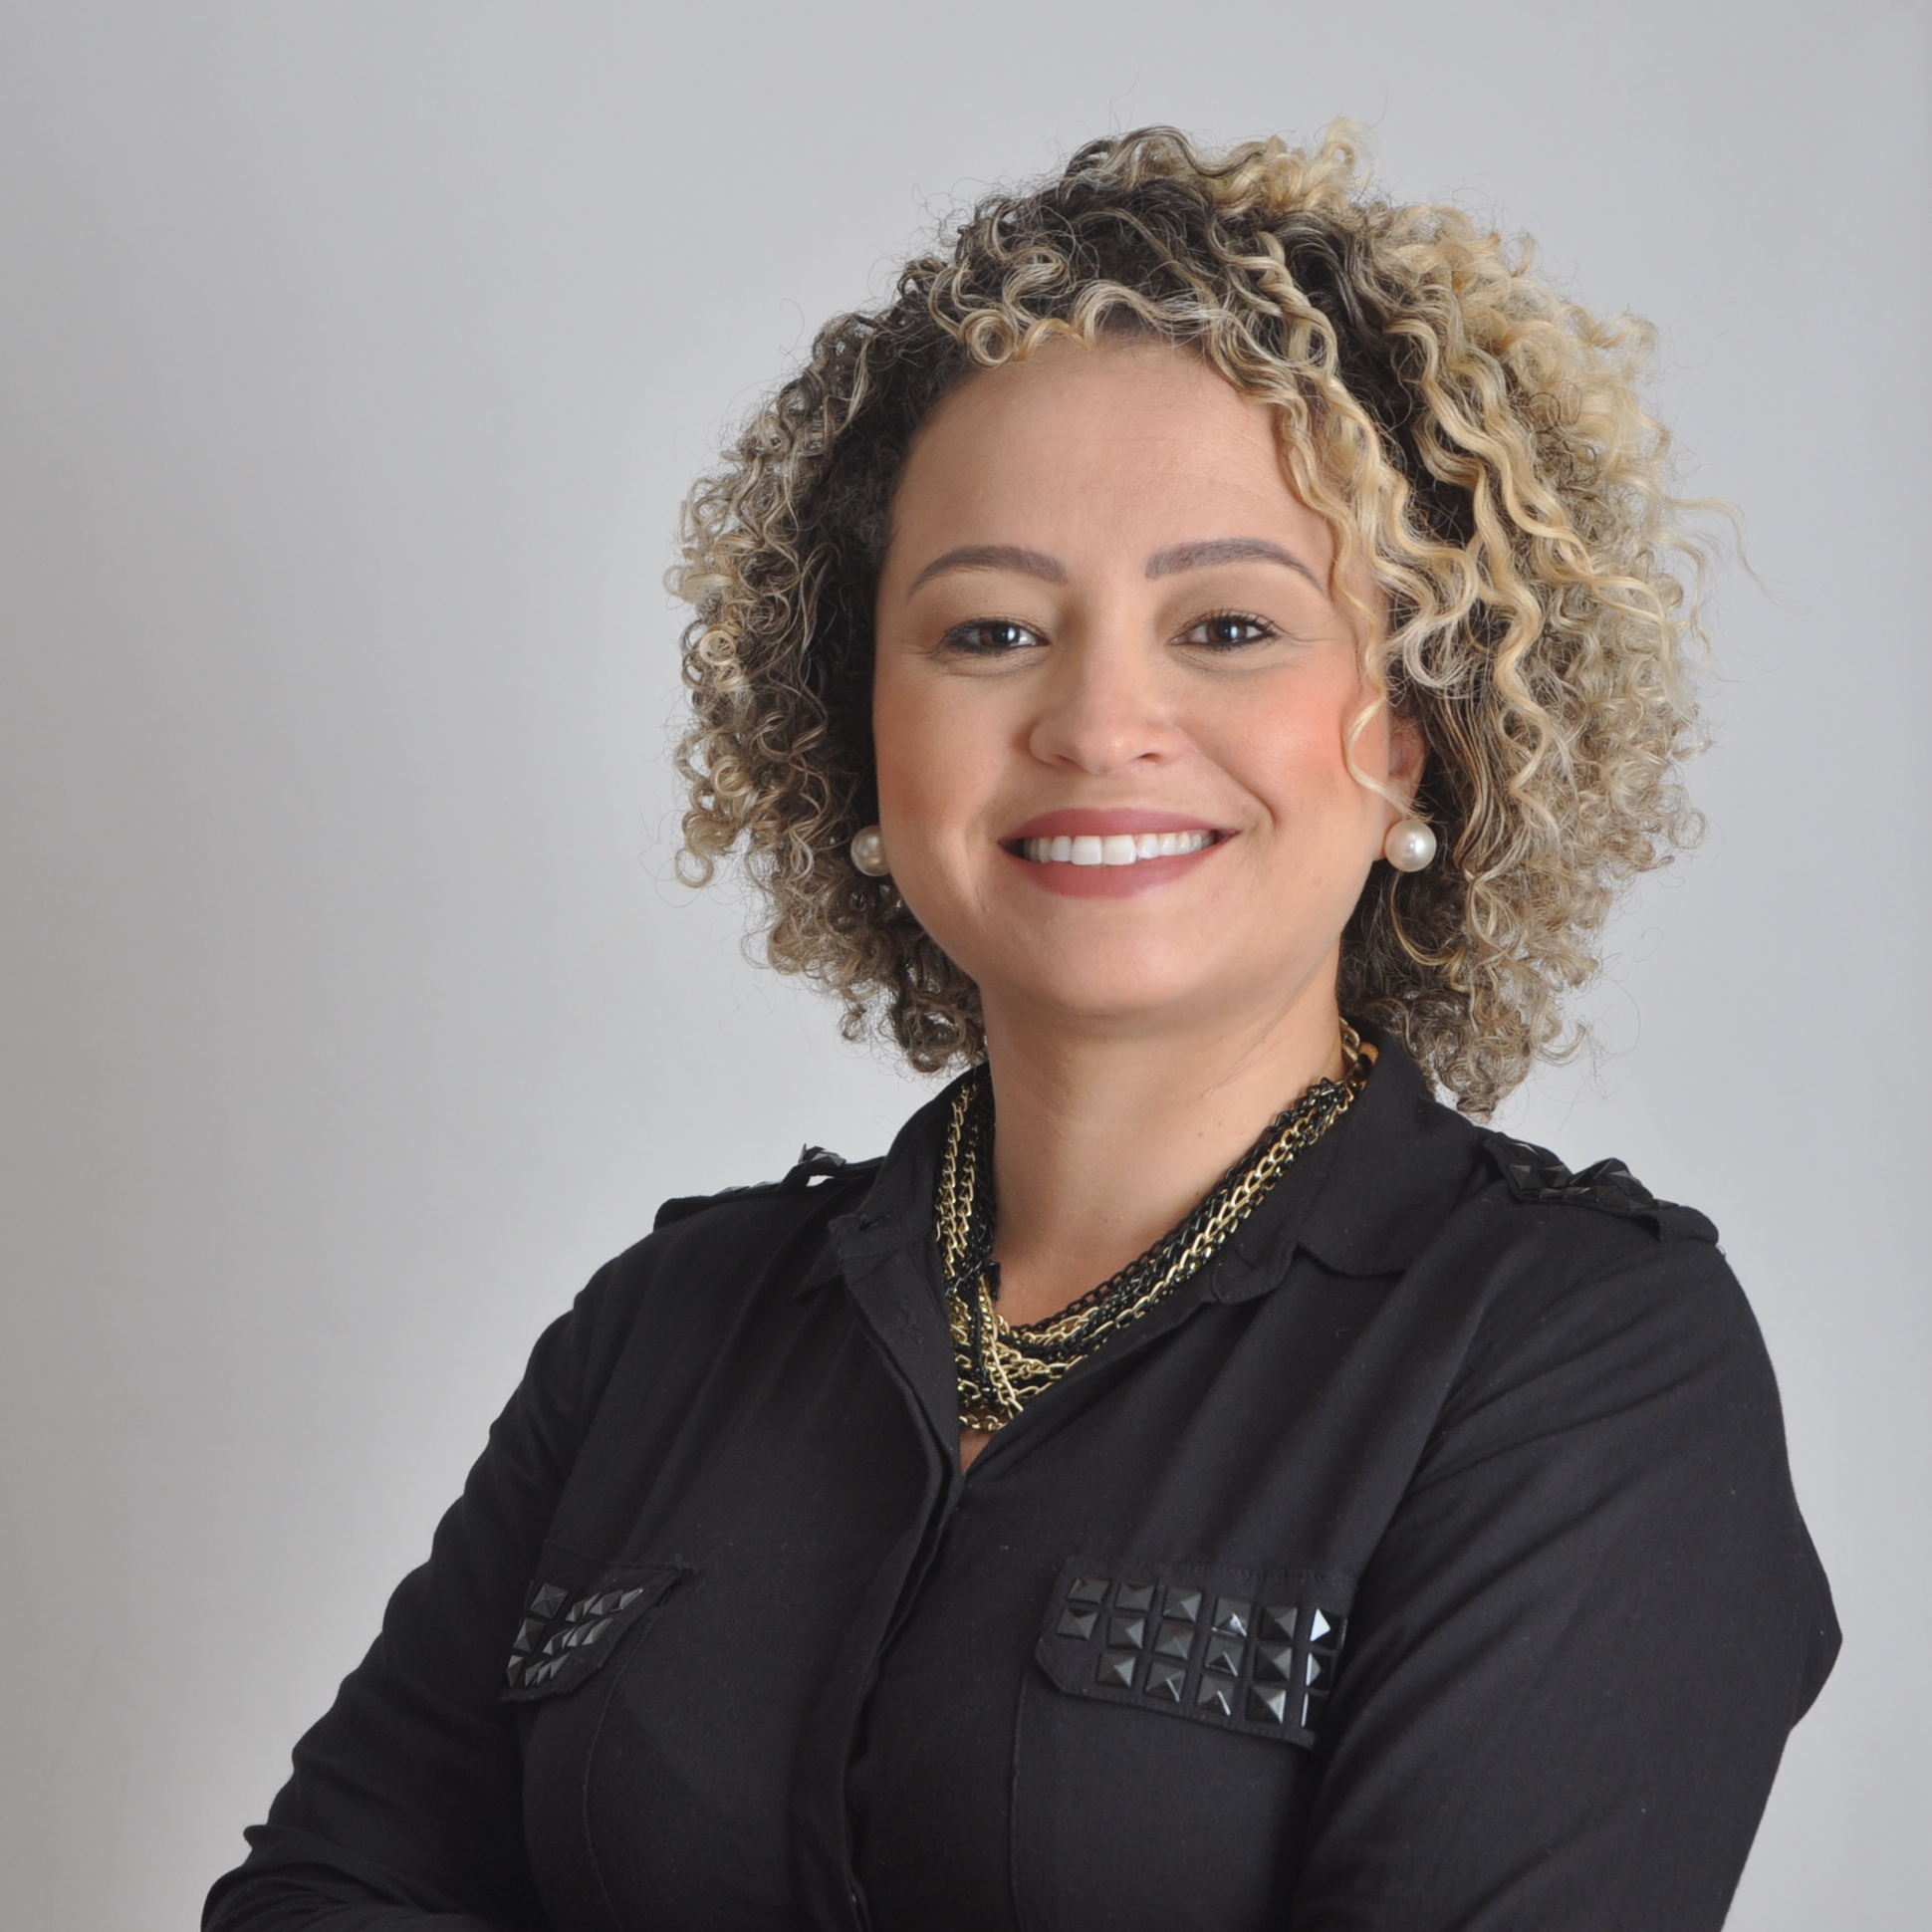 Paula Adriana Santos da Cunha